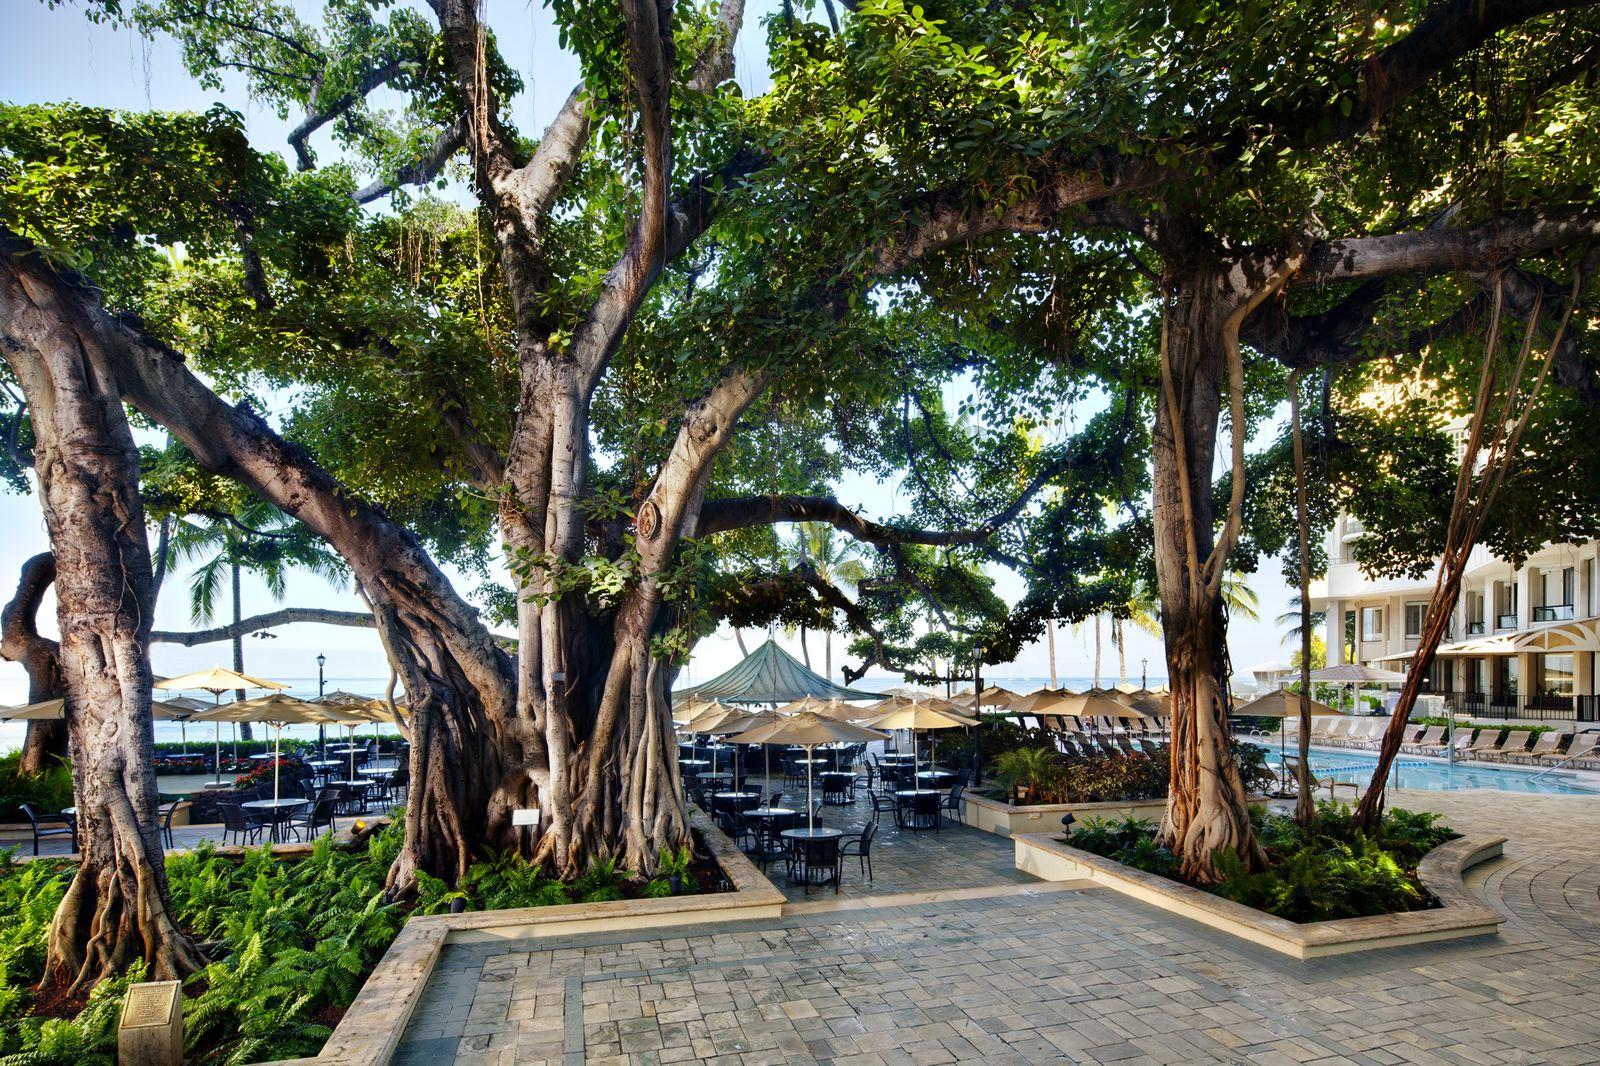 そして、いつも頑張っている女子の皆さんに是非、立ち寄っていただきたいのが、創業以来のホテルのシンボルである中庭の「バニヤンツリー」。樹の幹は12メートル、枝の広がりはなんと、46メートルにも及ぶんだとか。